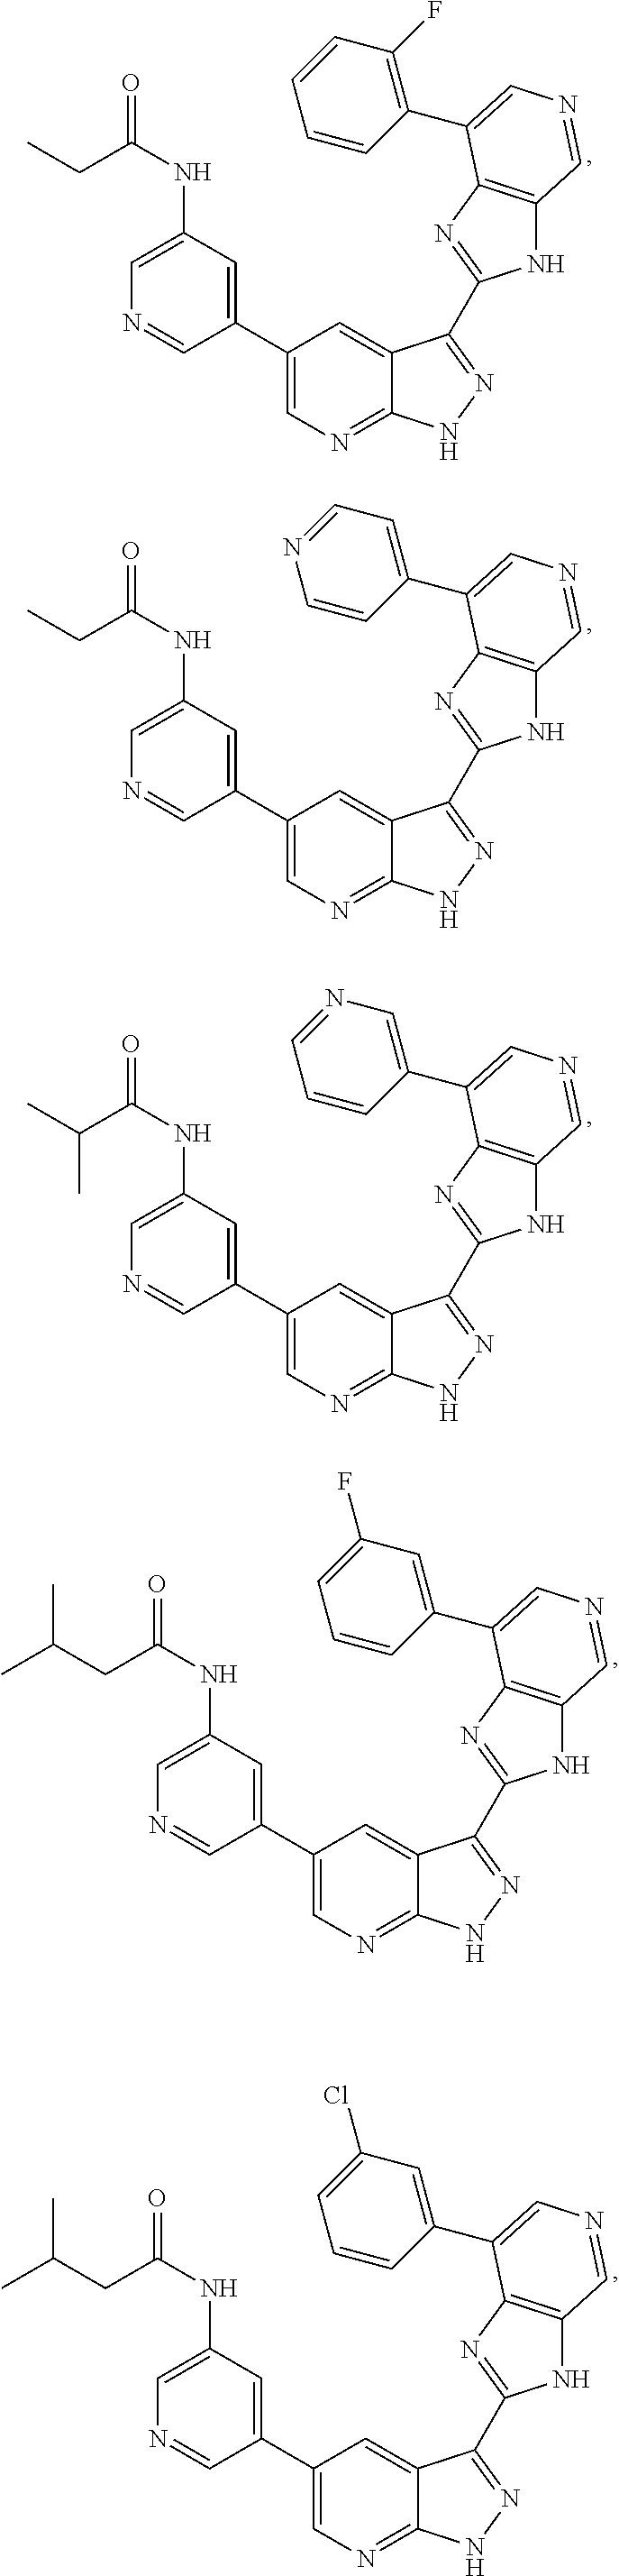 Figure US08618128-20131231-C00004